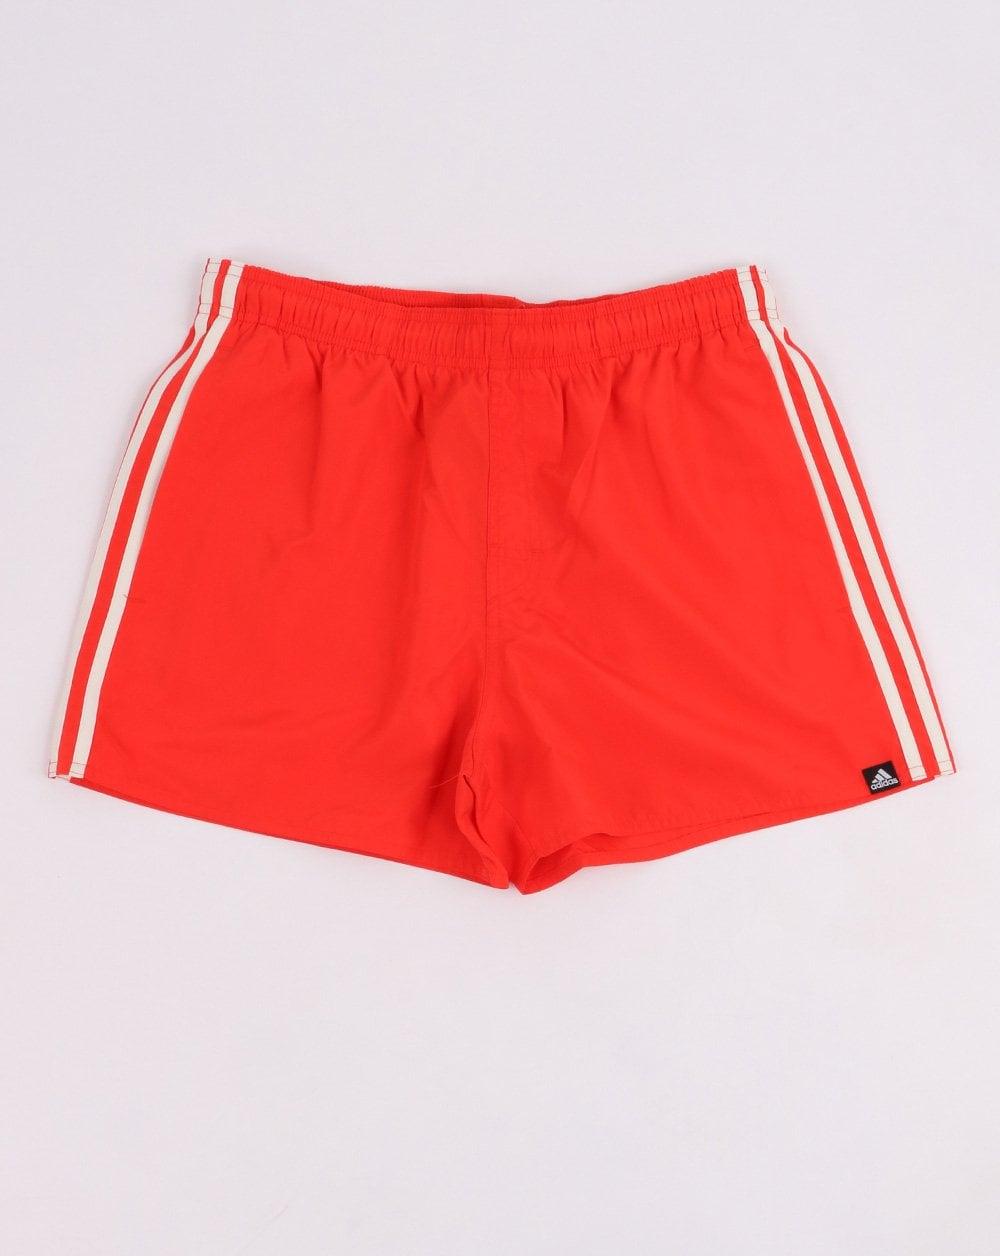 445aafa611120 Adidas Originals 3 Stripe Swim Shorts in Red | 80s Casual Classics